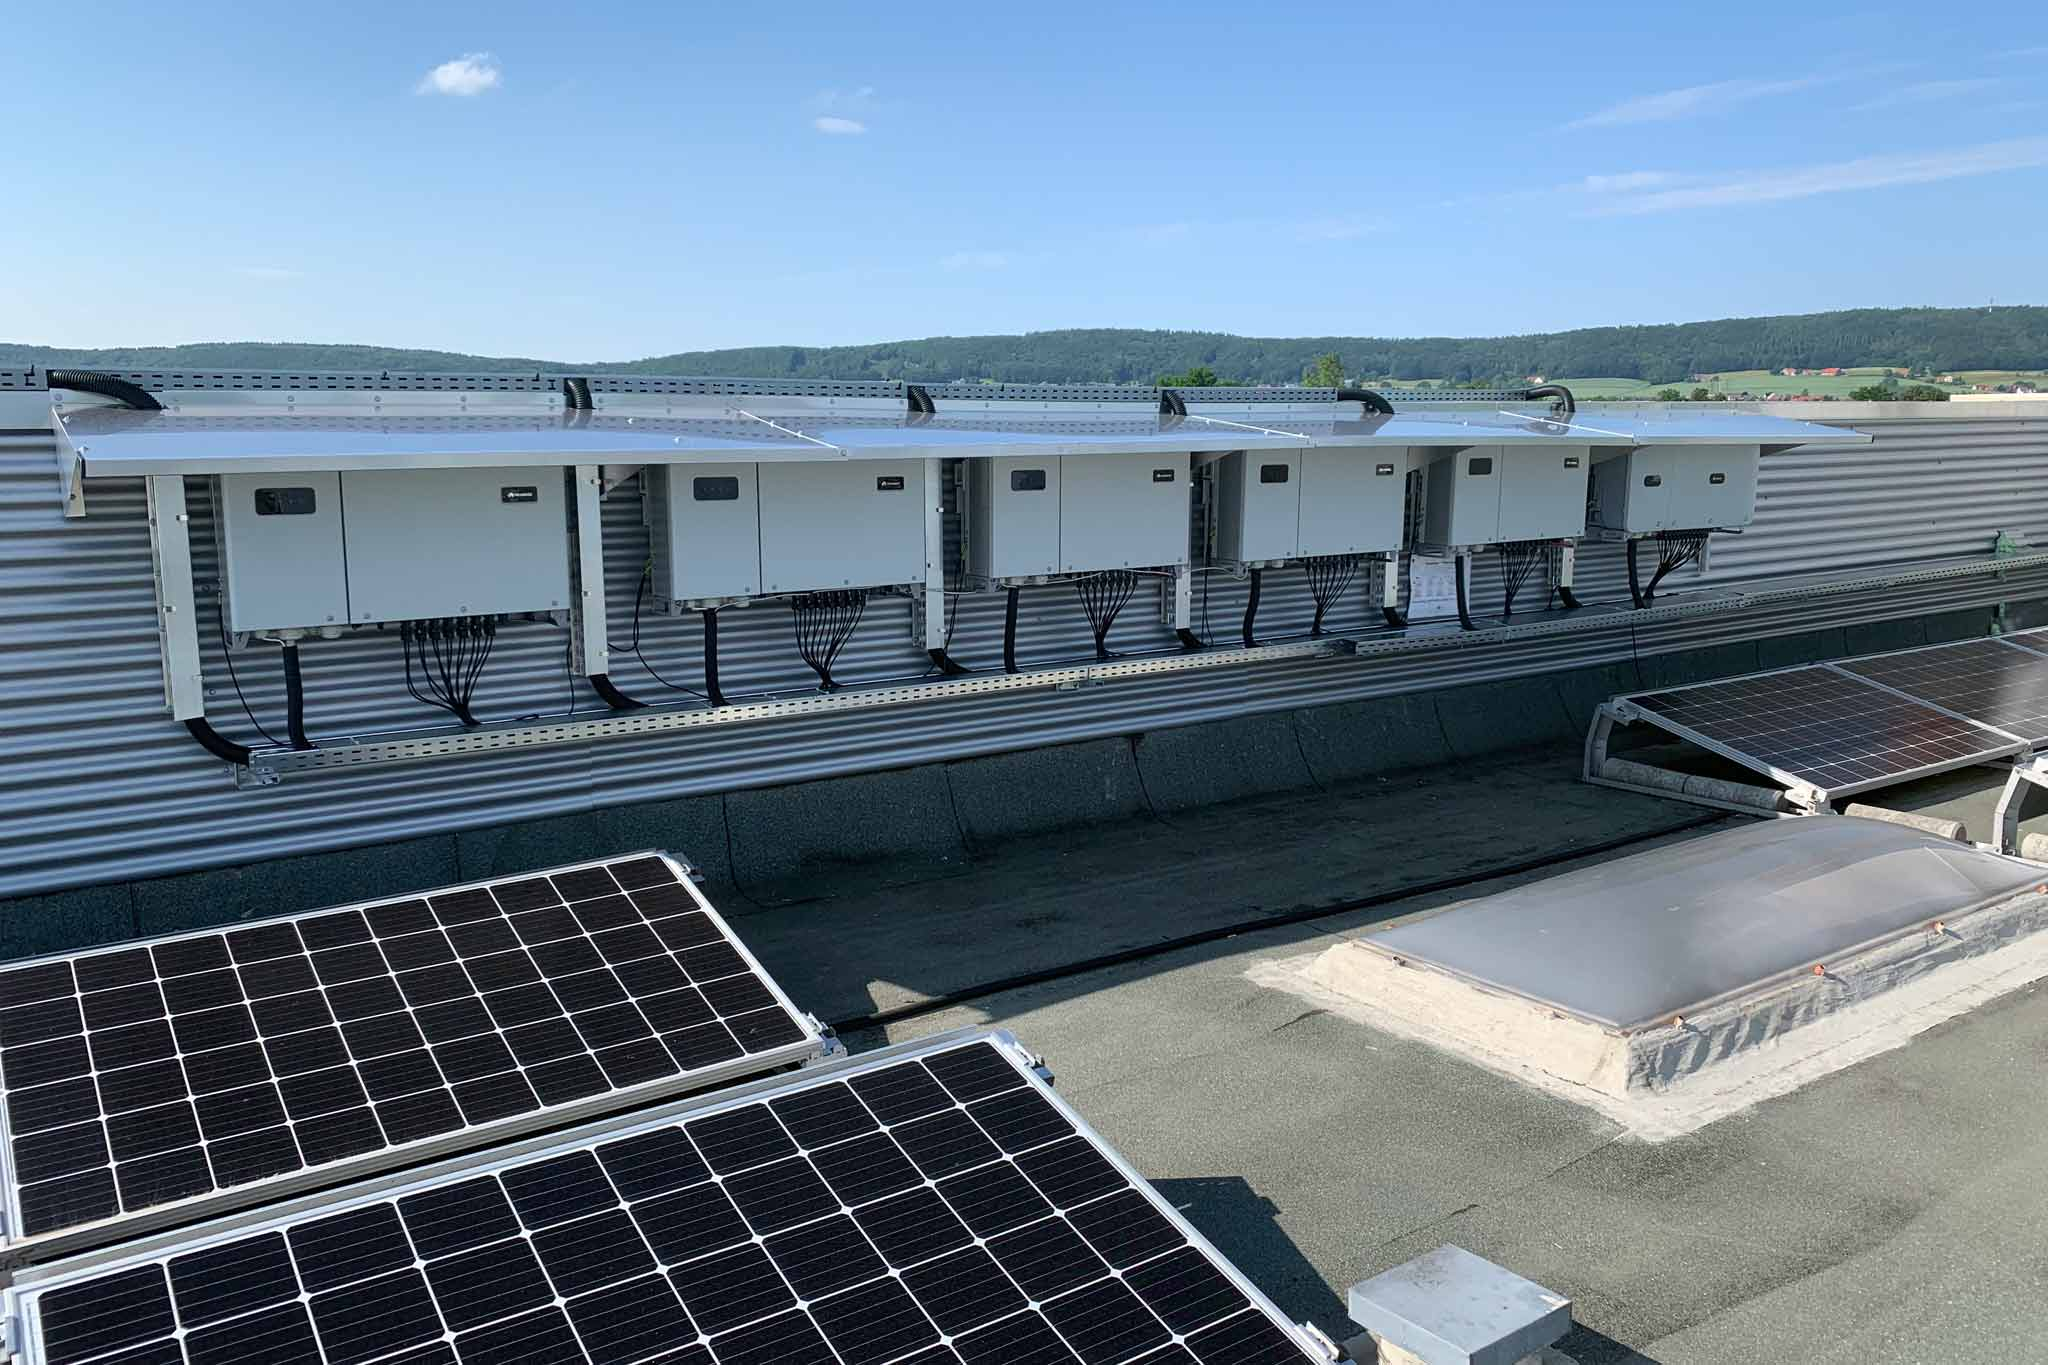 Schaltanlage einer Photovoltaik-Anlage